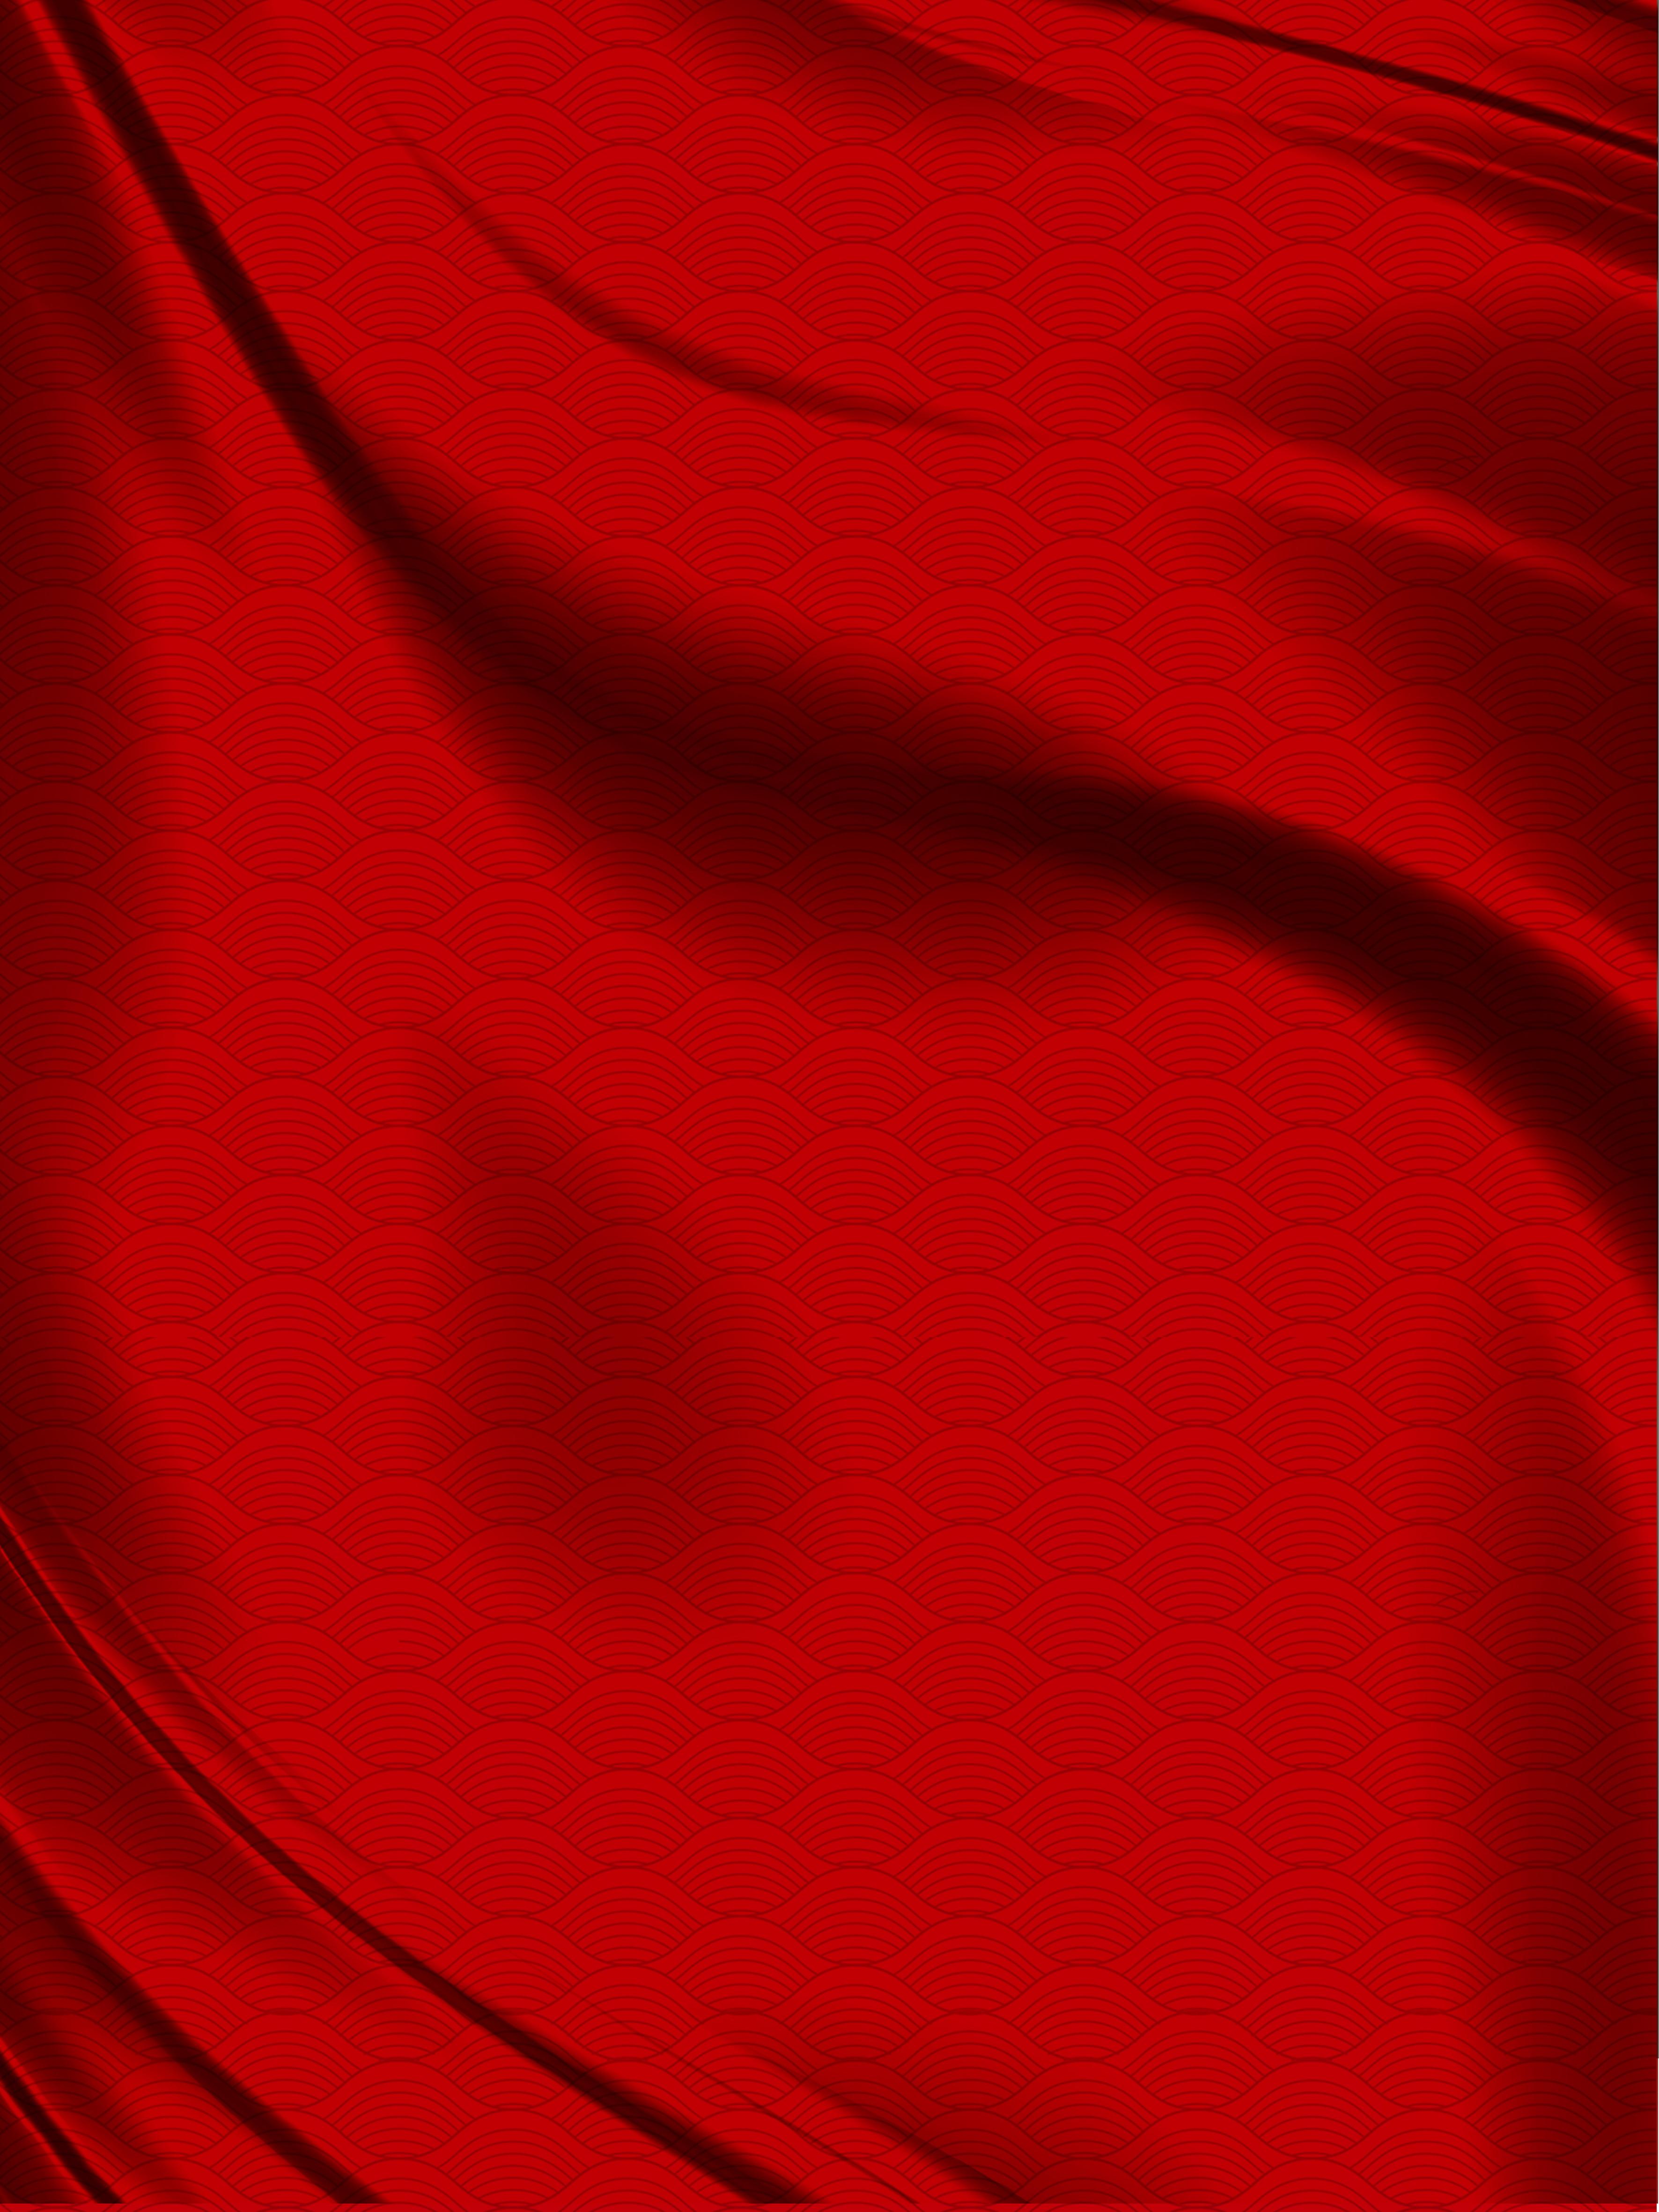 Фон красная ткань